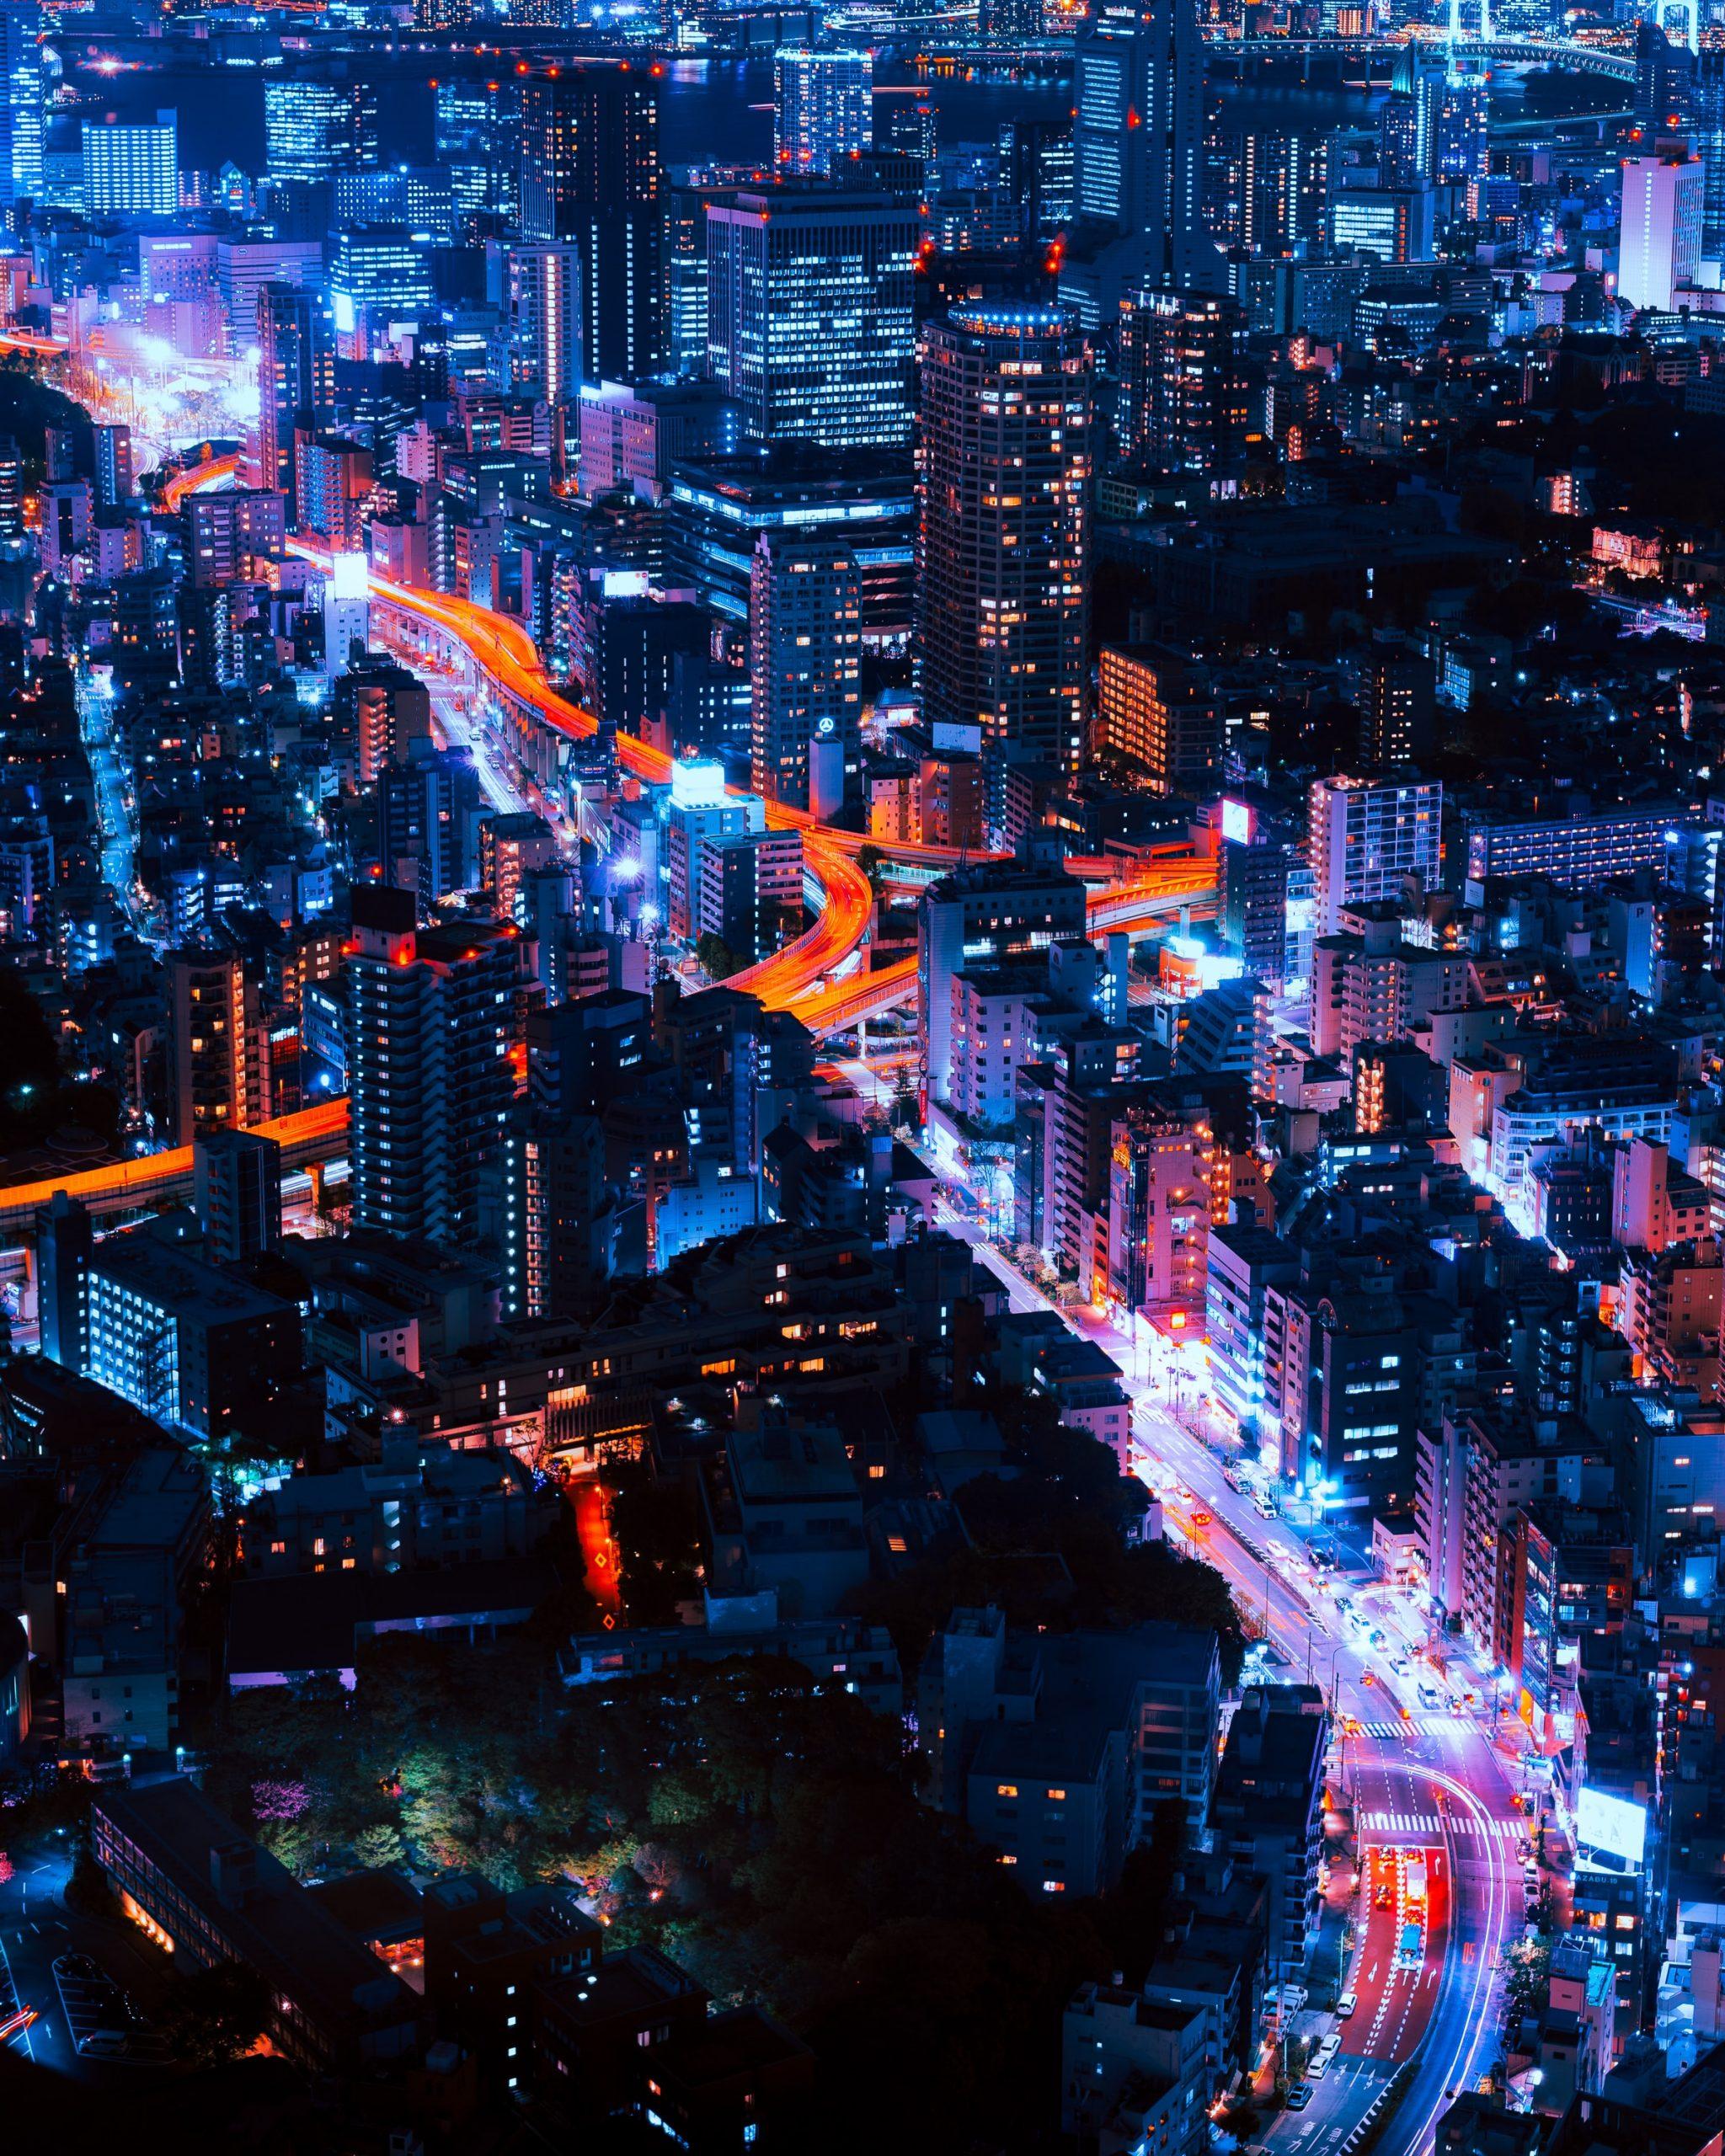 Cidades Inteligentes E Inovação Urbana: O Que Diz O Relatório Mundial Das Cidades